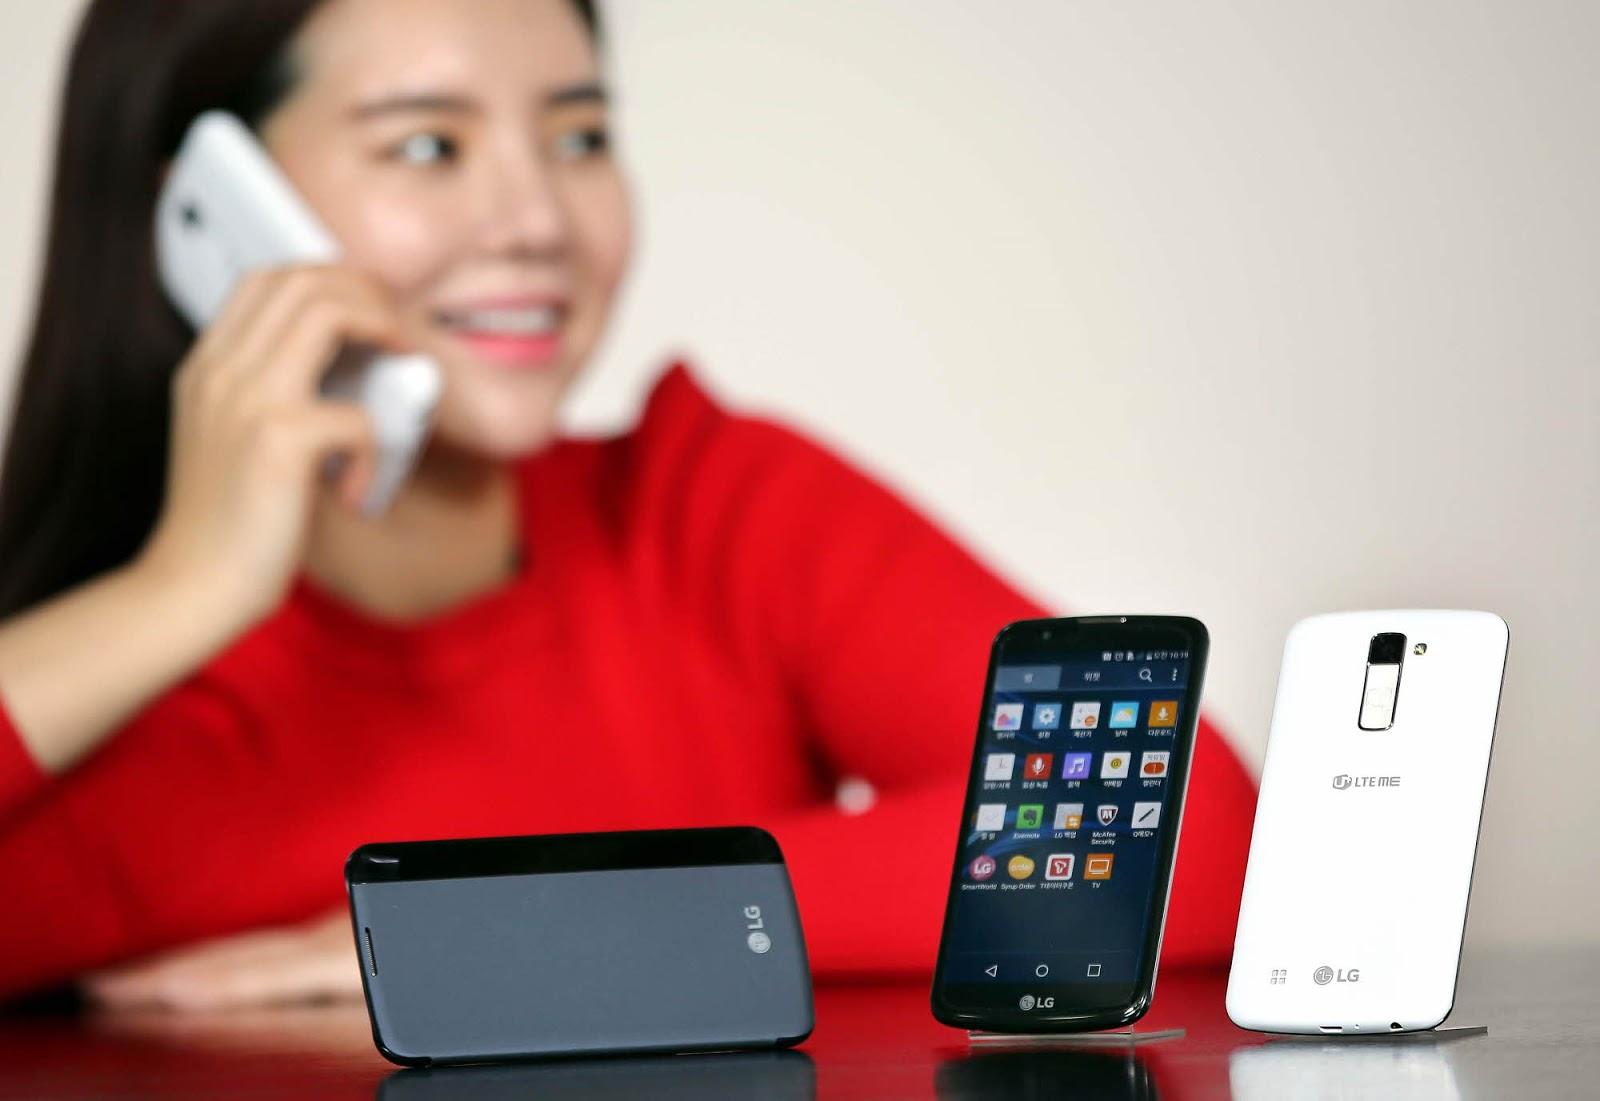 LG Electronics pregătește debutul lui LG K10 pentru piața sud-coreeană; telefonul va costa 200 dolari